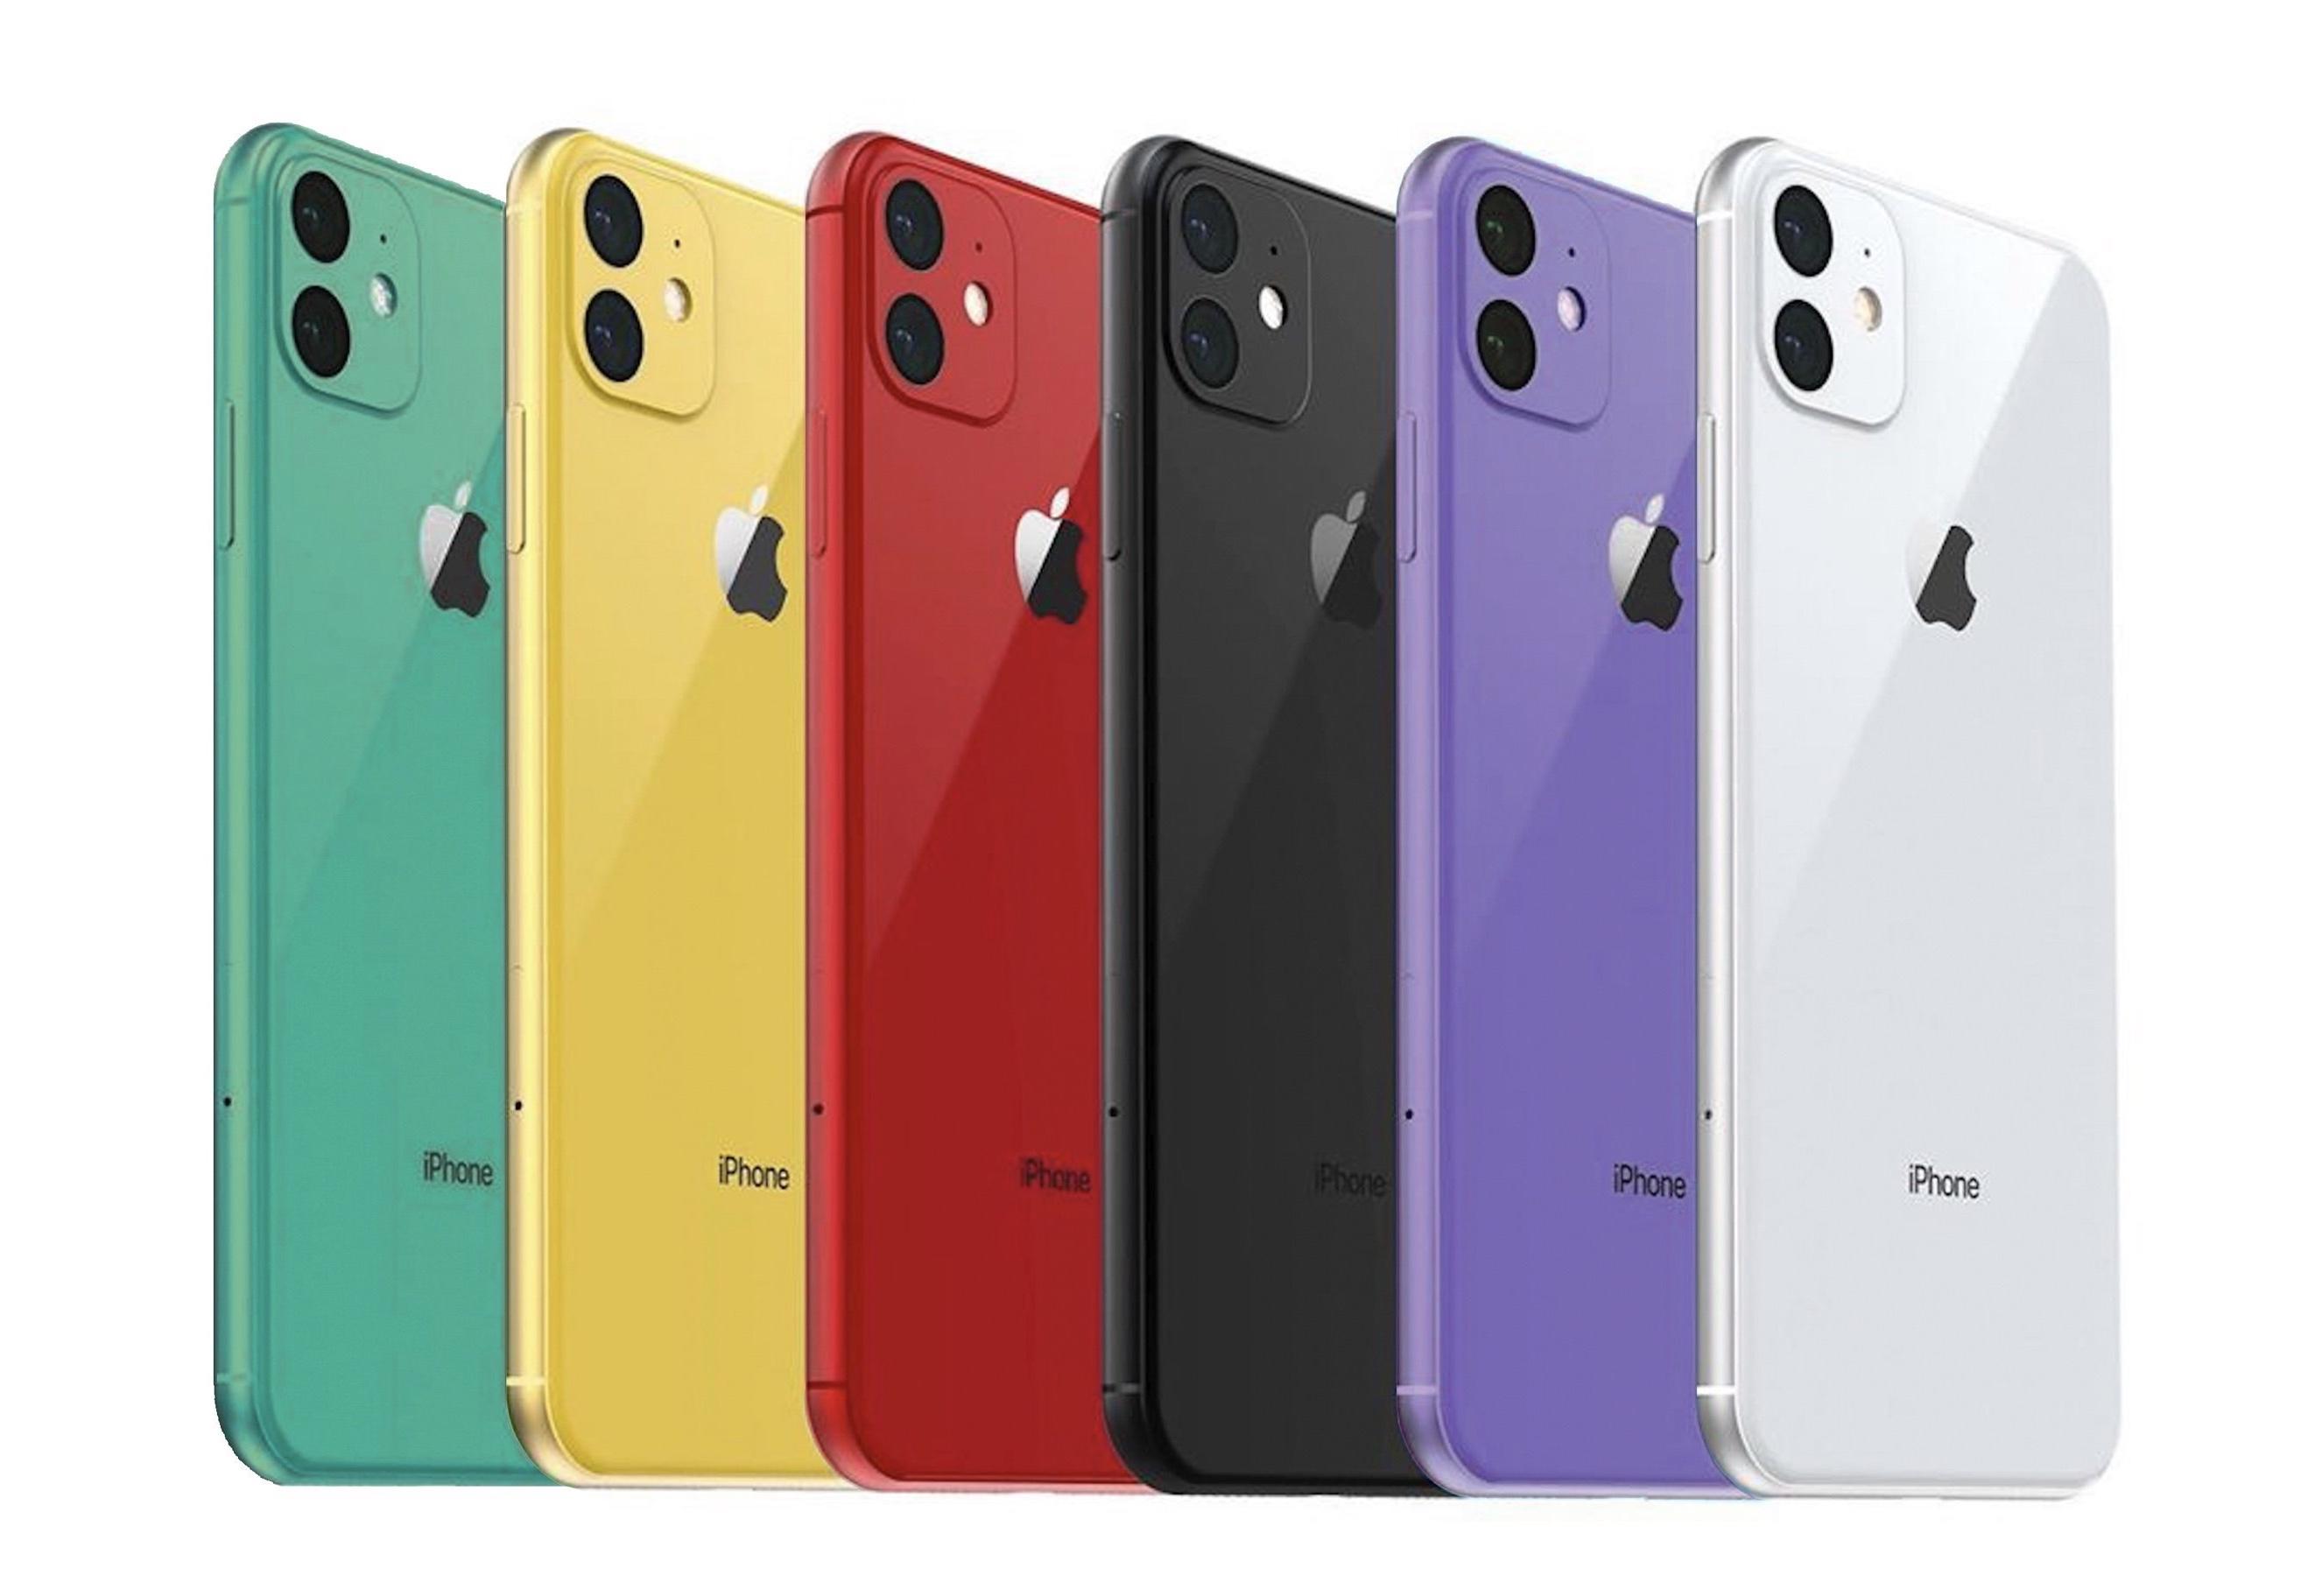 Dwa nowe kolory następcy iPhone XR?